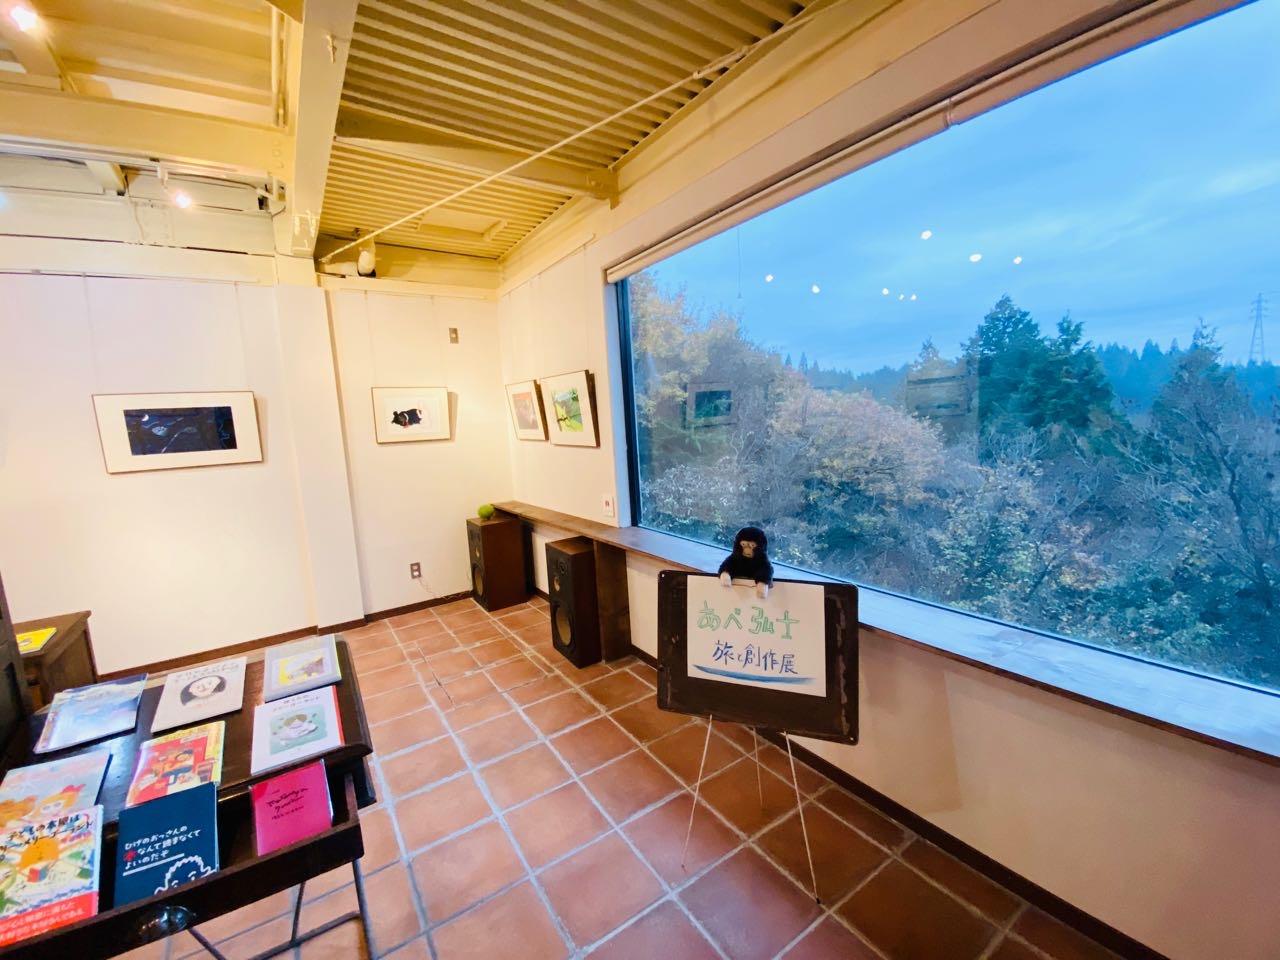 あべ弘士さんの展示と大きな窓